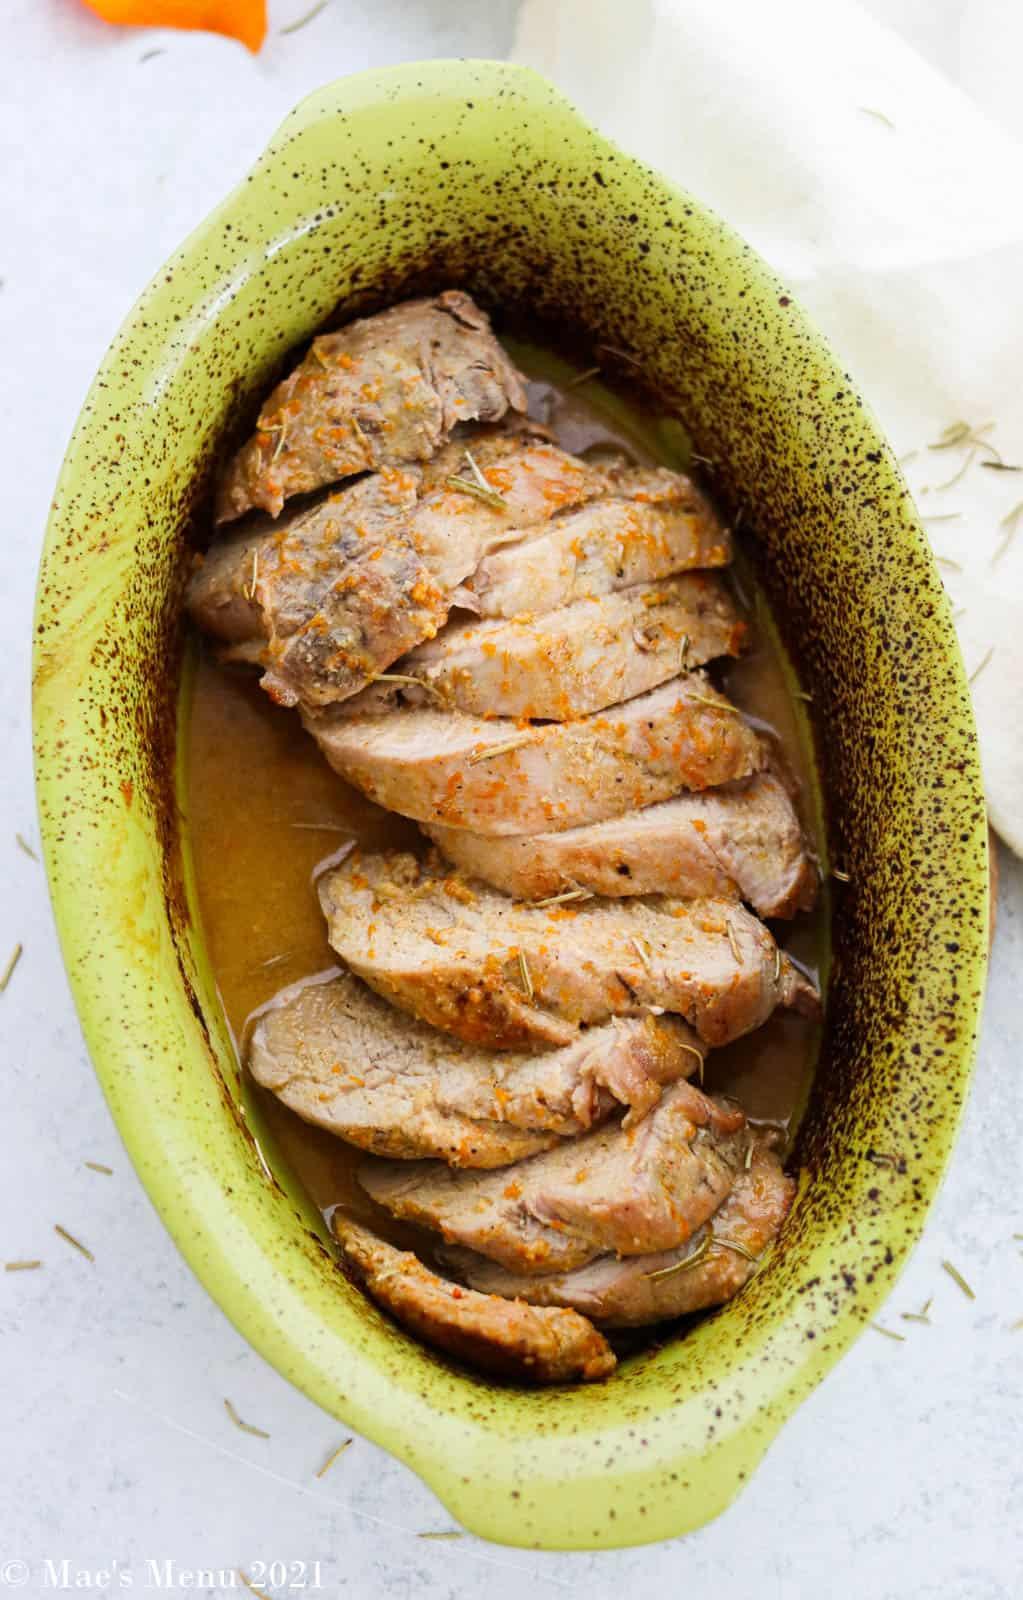 An overhead vertical shot of a pan of roasted dijon pork tenderloin in marinade